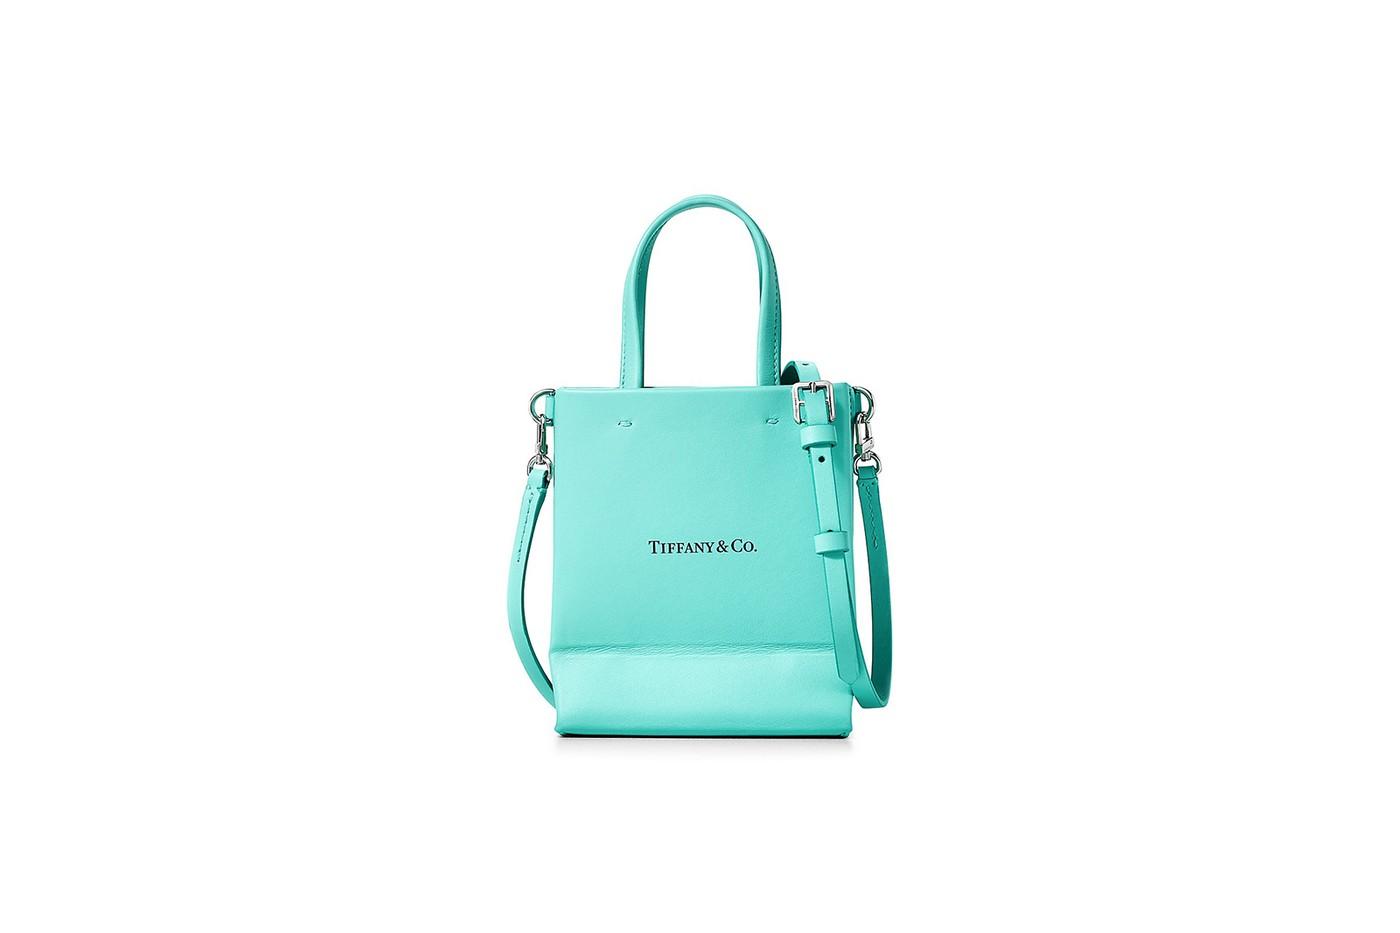 Tiffany & Co. презентовали новые сумки в виде пакета